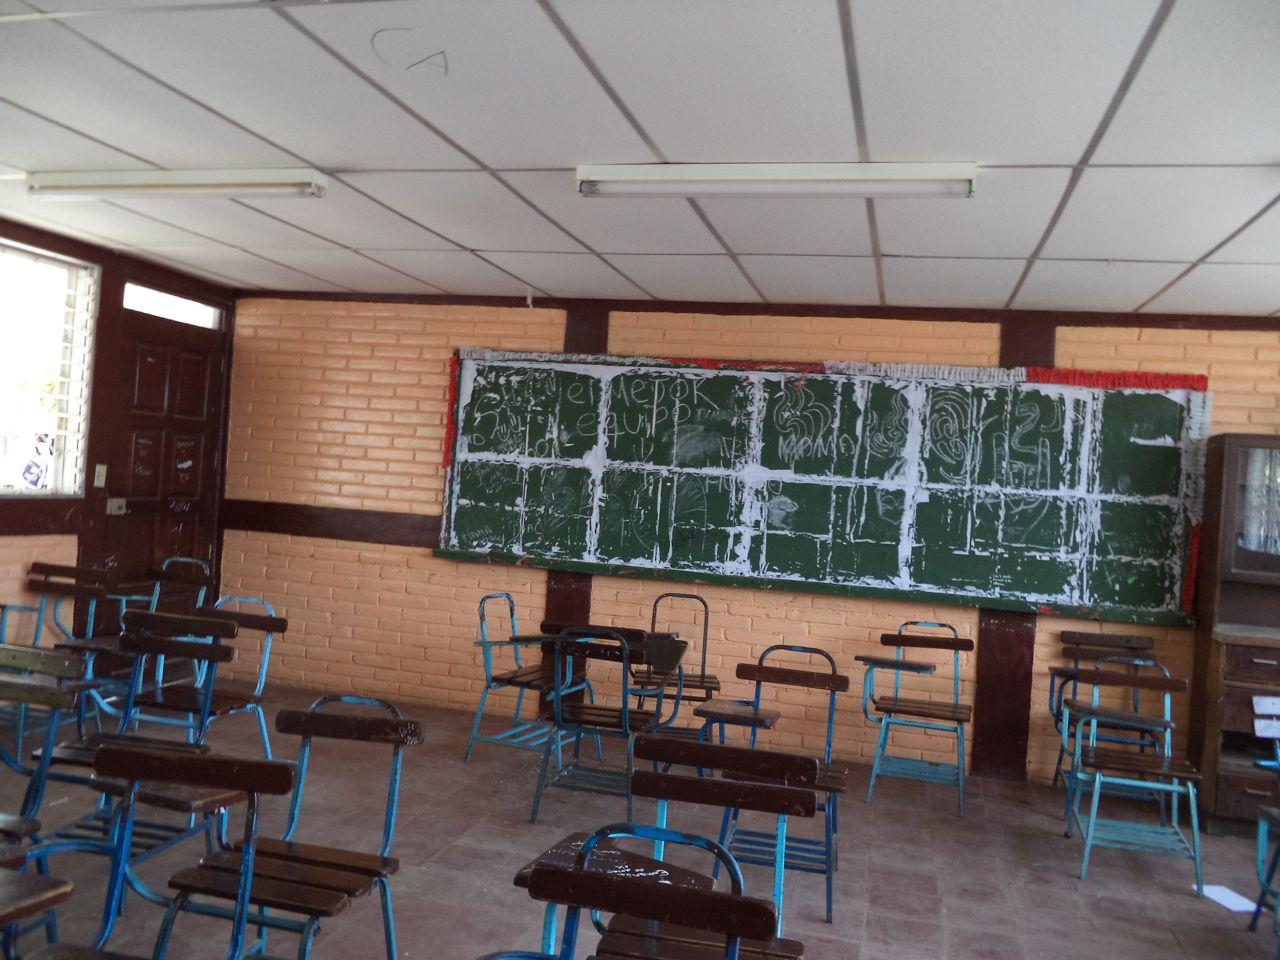 082014_Parker_Nica-blog_classroom